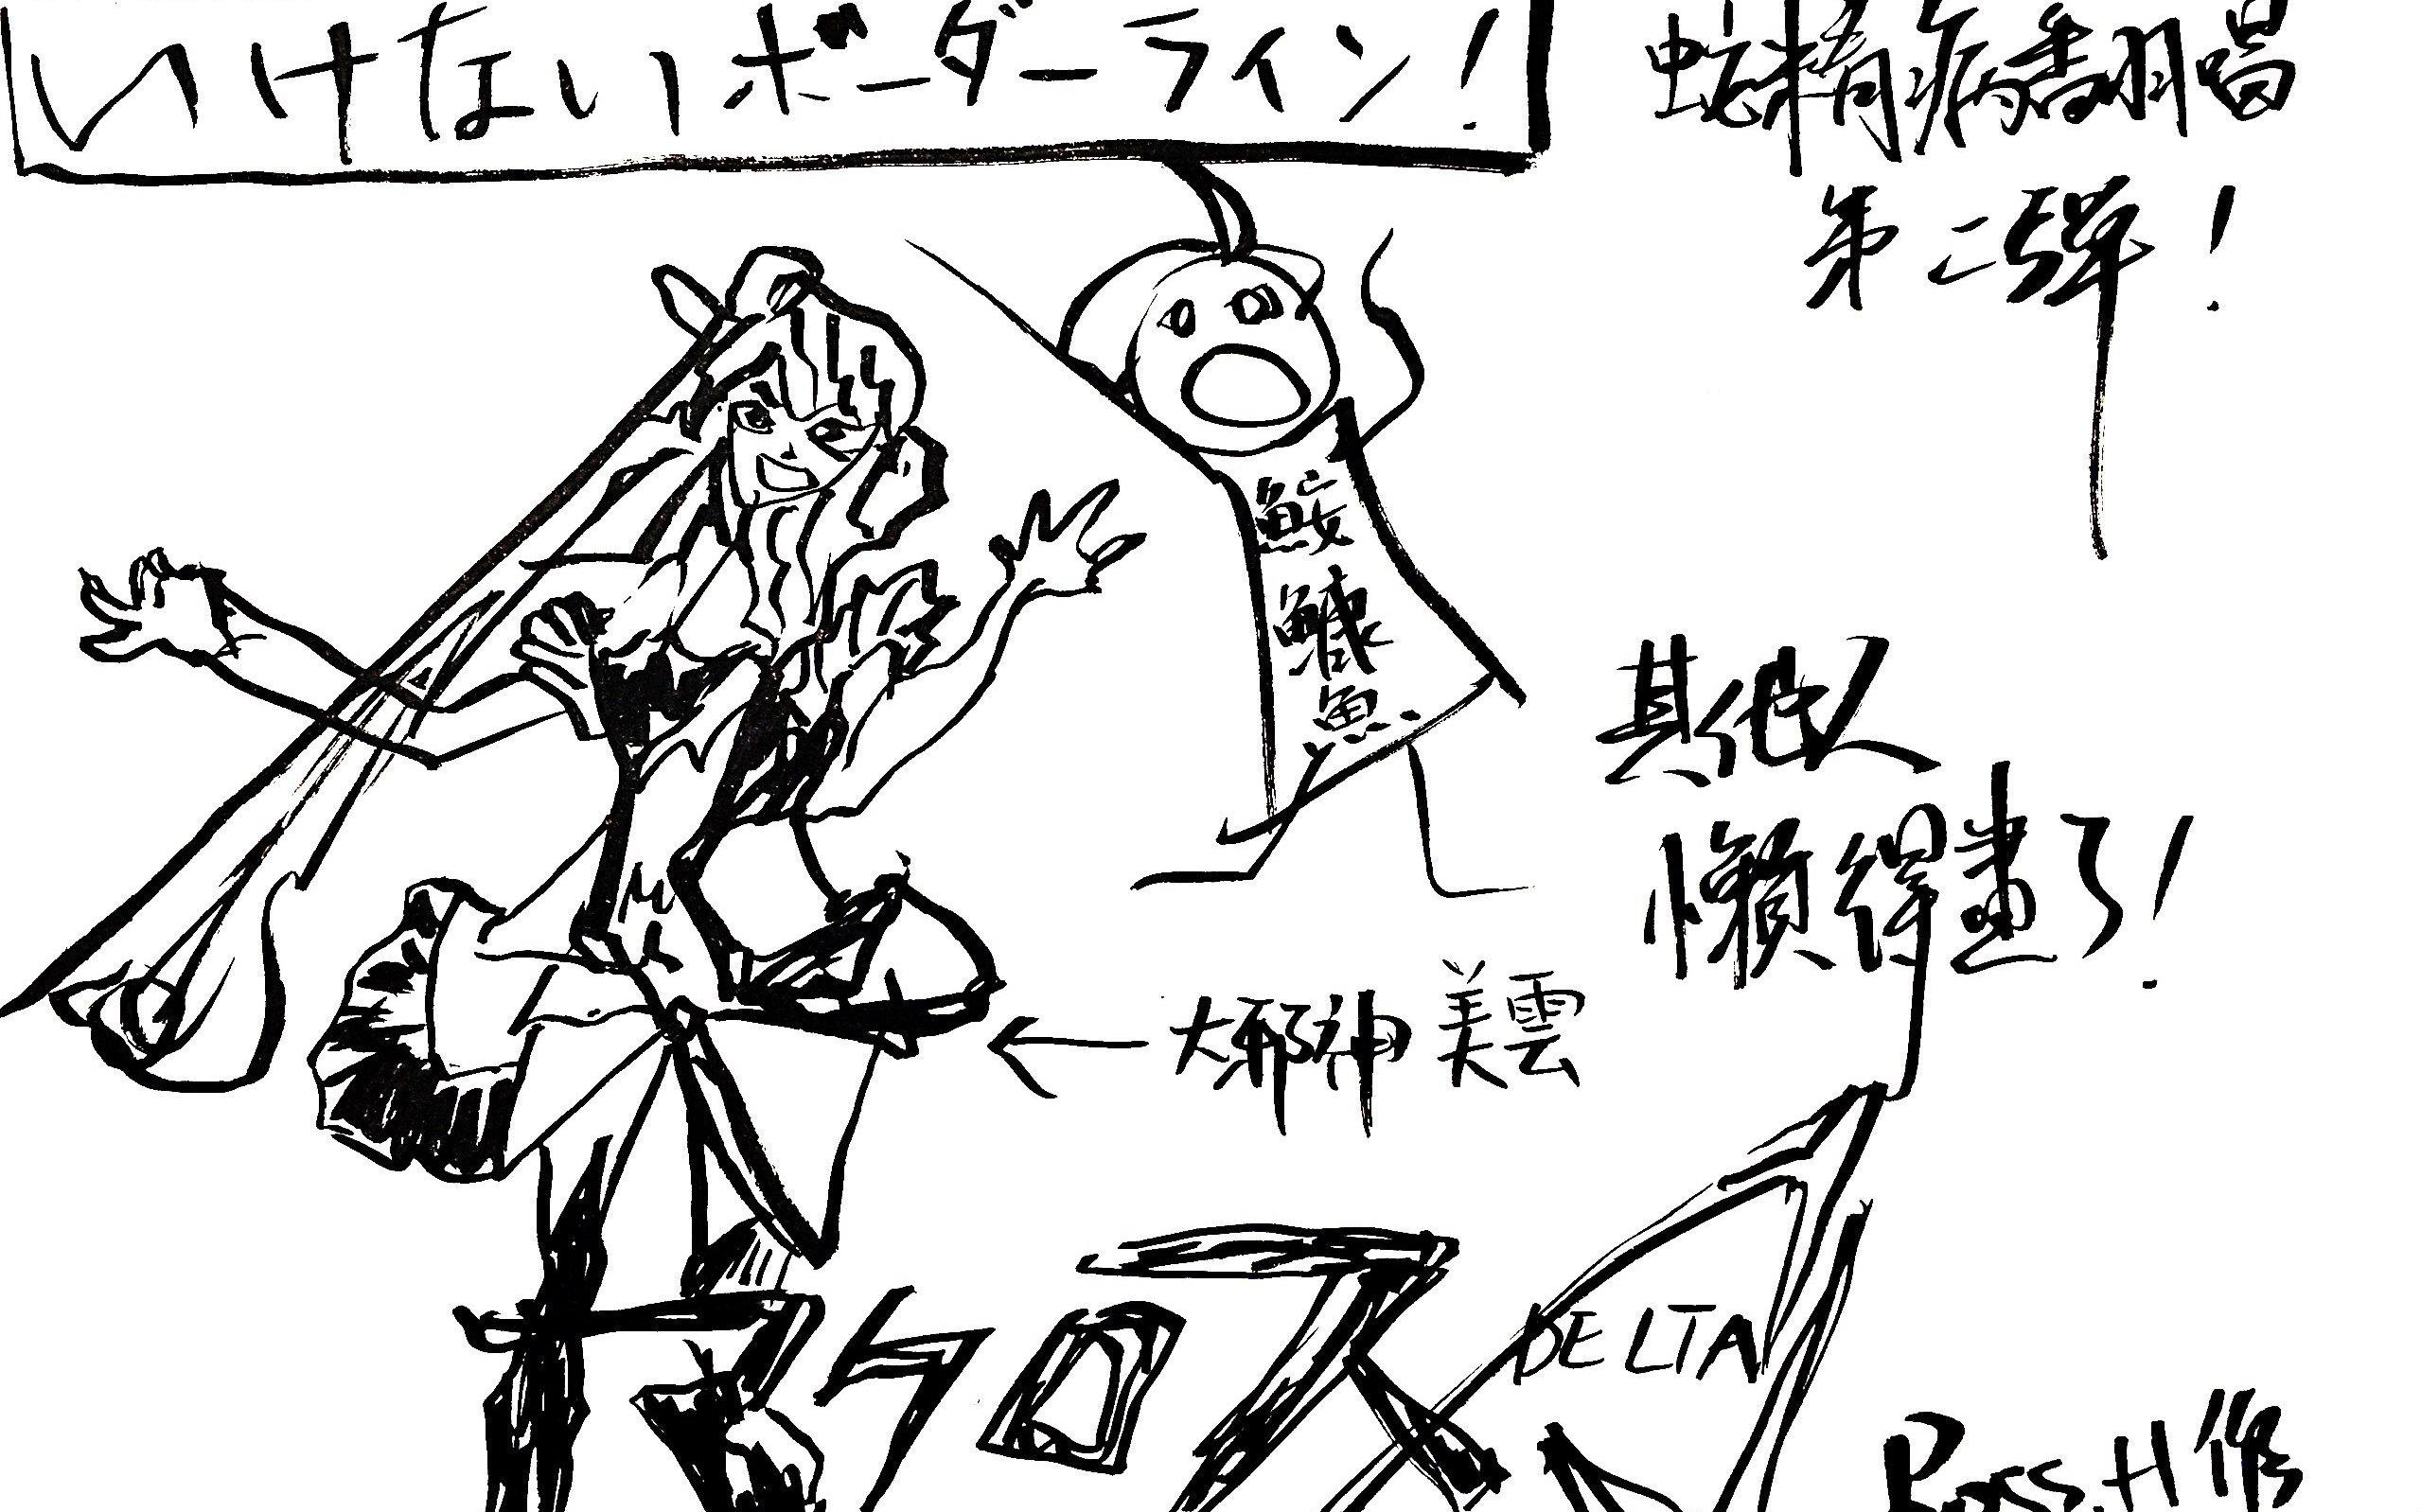 【蛇精病翻唱第二弹】禁绝边界线/禁忌边界线【ross.